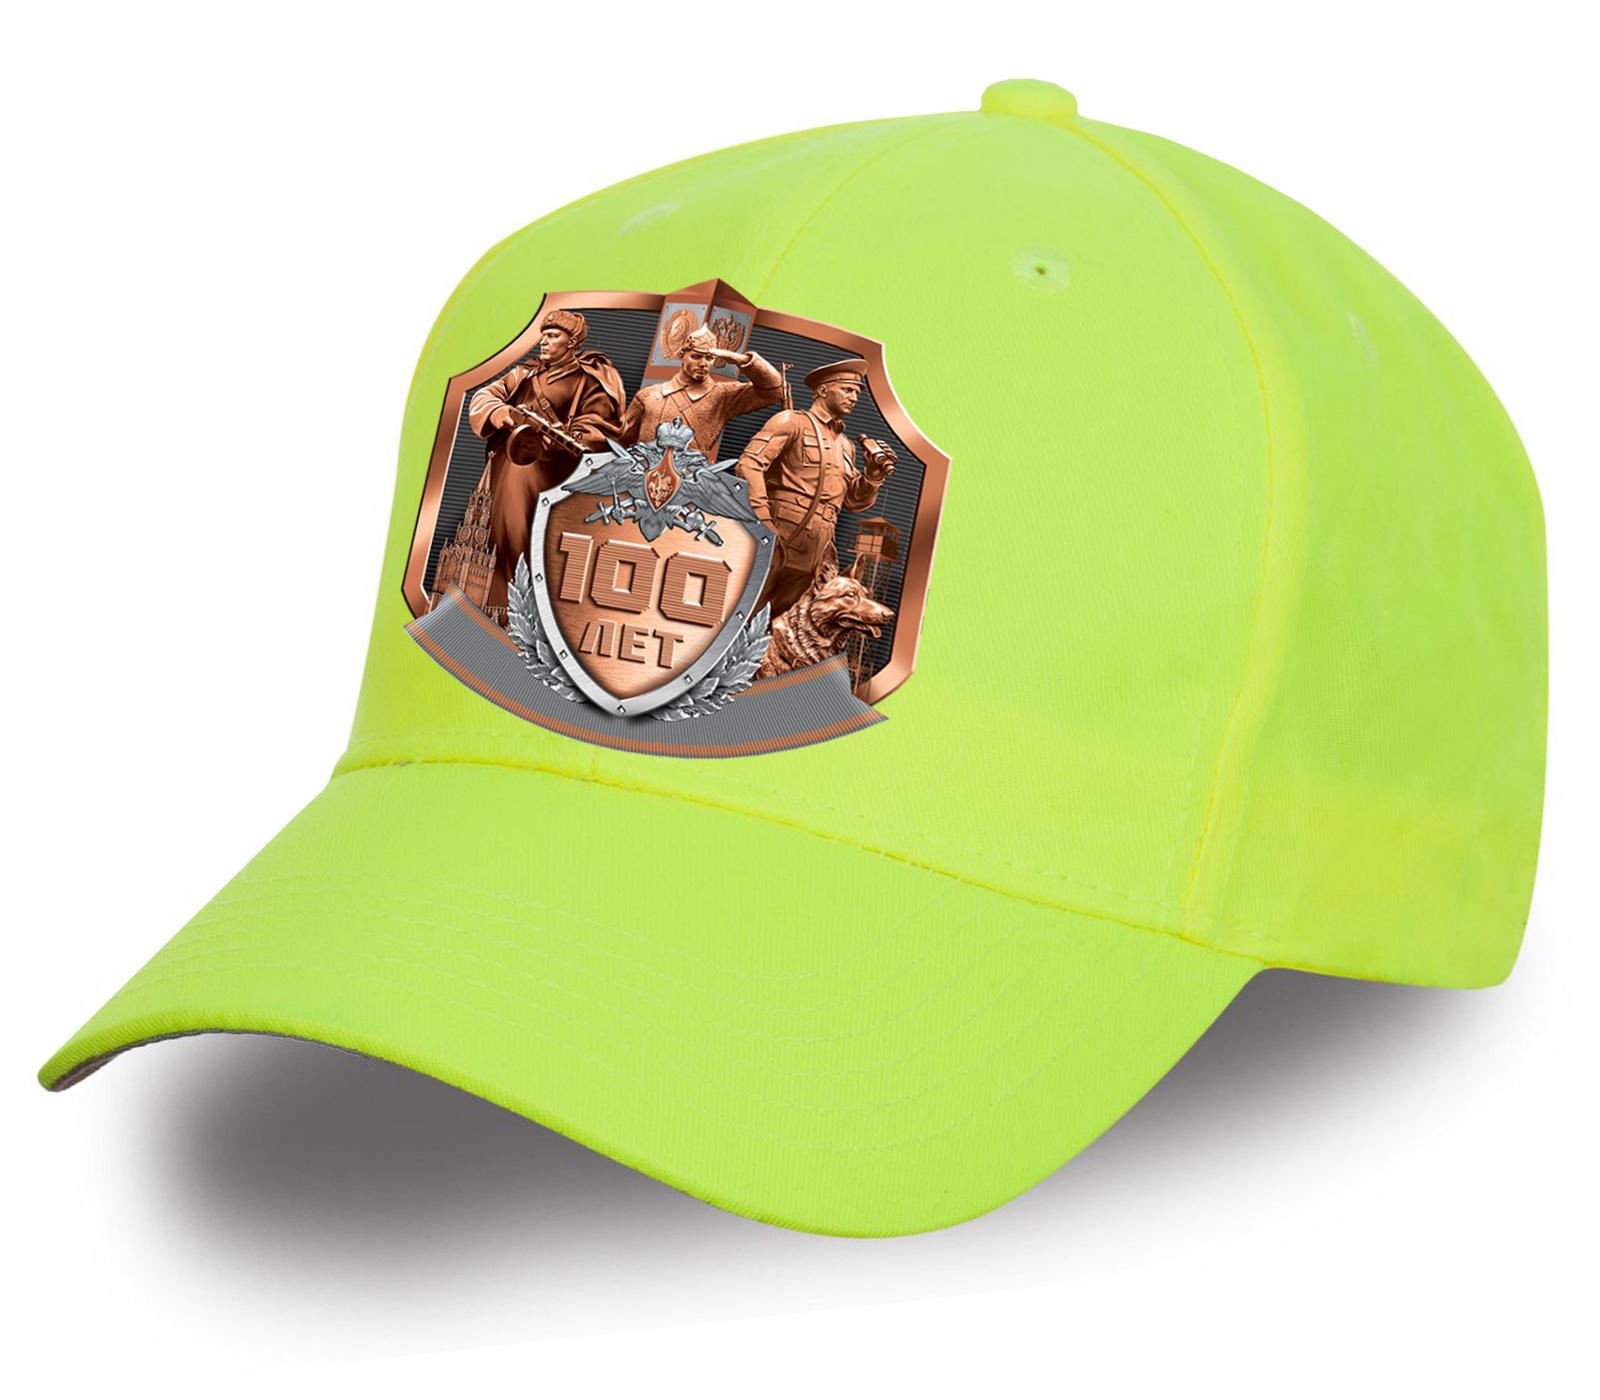 ОСТОРОЖНО! Бомбическая бейсболка к Юбилею Пограничных войск. Начинай готовиться к празднику сейчас: чем ближе 28 мая, тем меньше остаётся крутых кепок